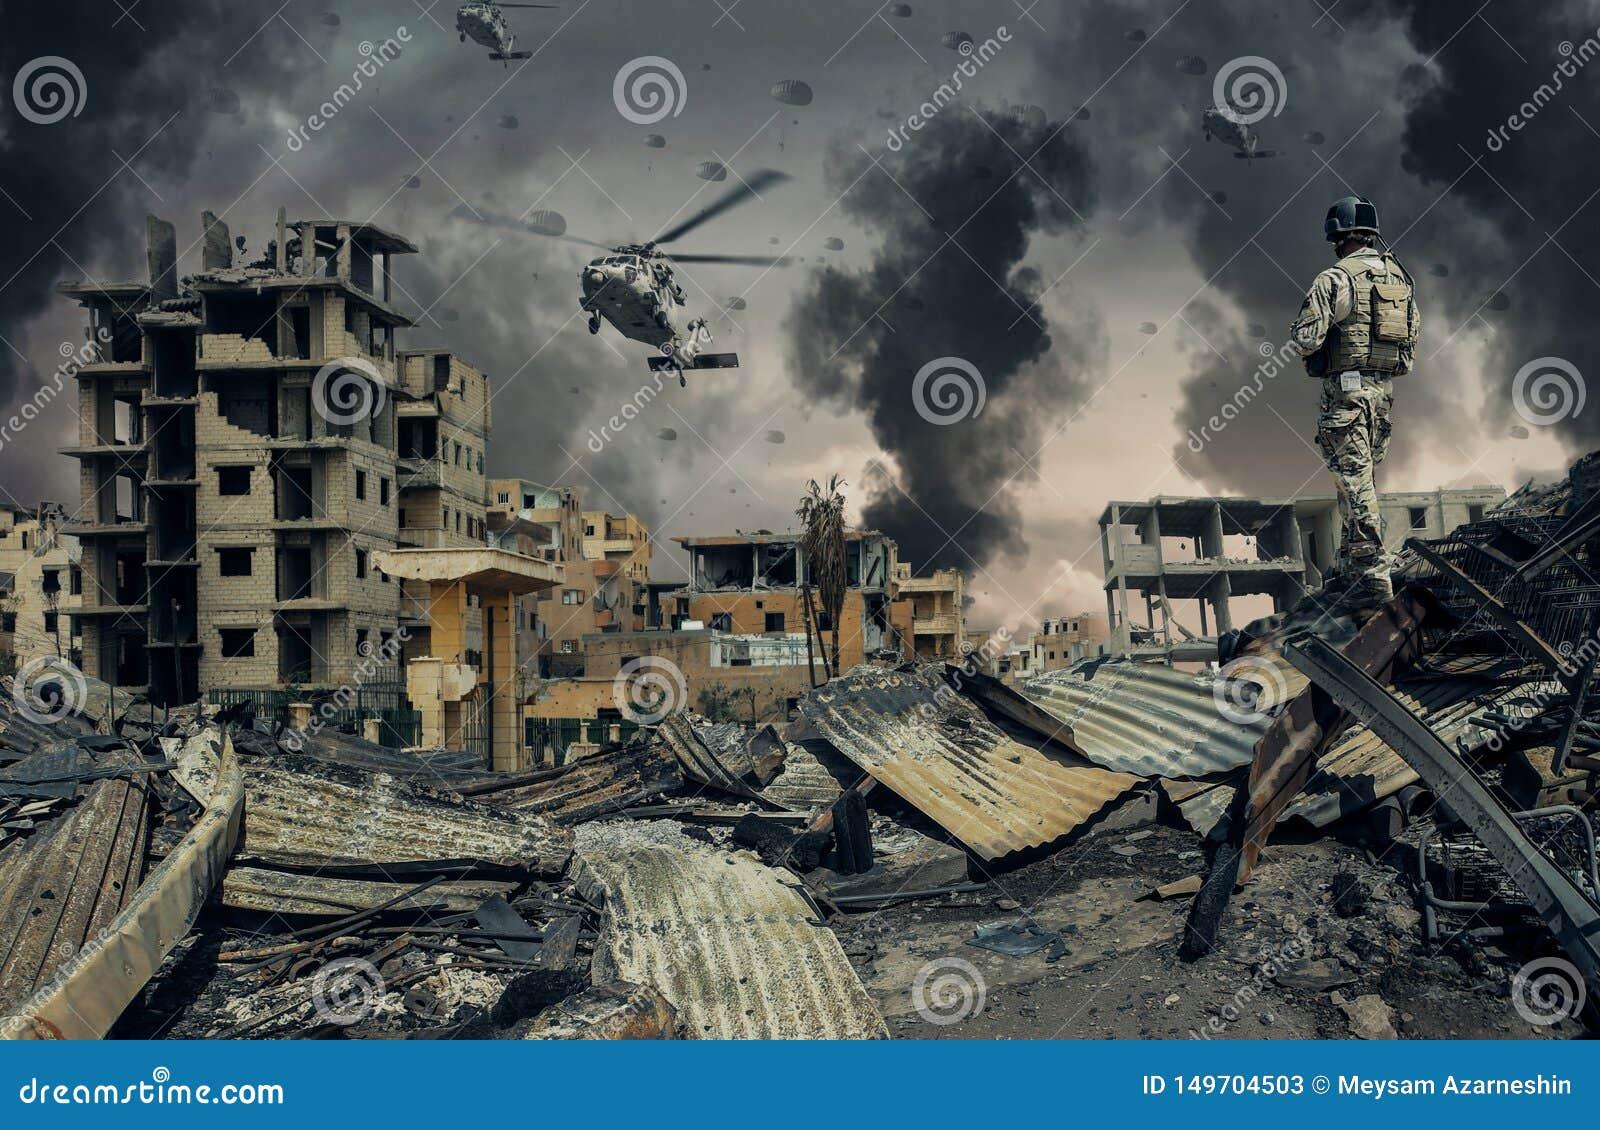 Helicóptero y fuerzas militares en ciudad destruida